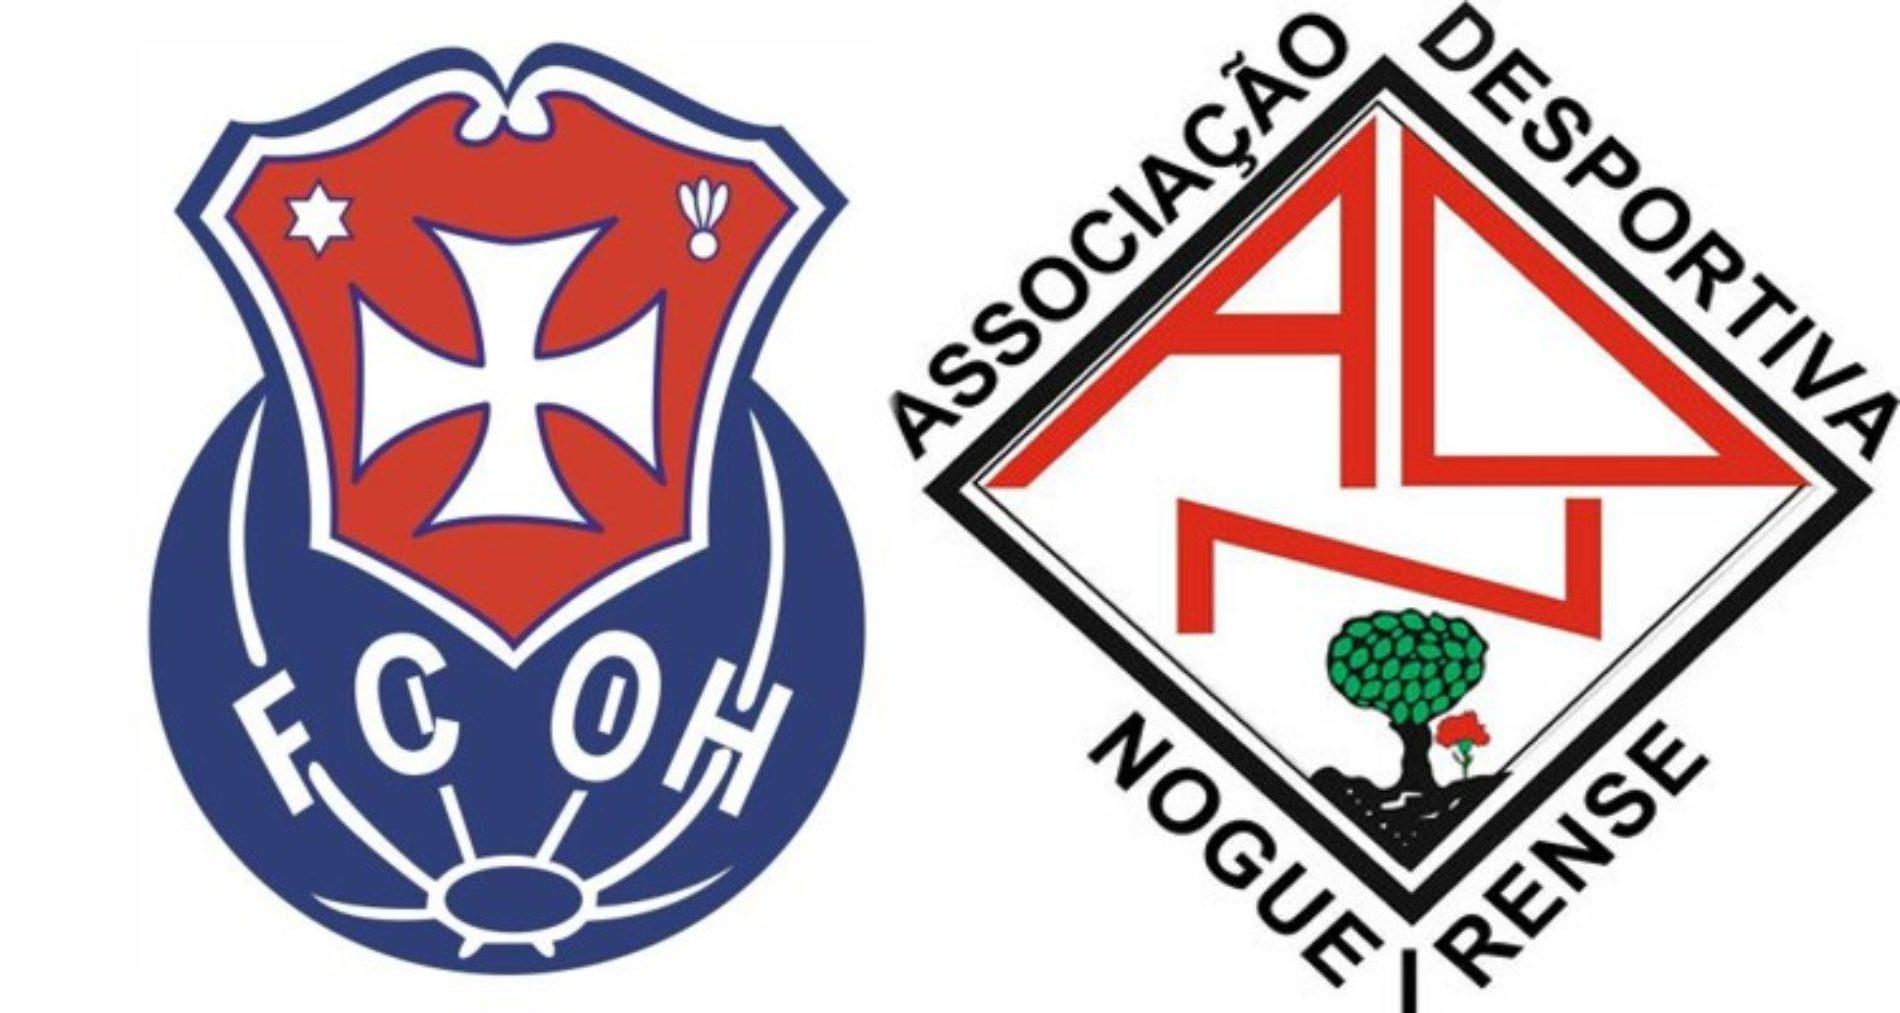 Antevisão: FCOH vs Alverca. ARC Oleiros vs ADN